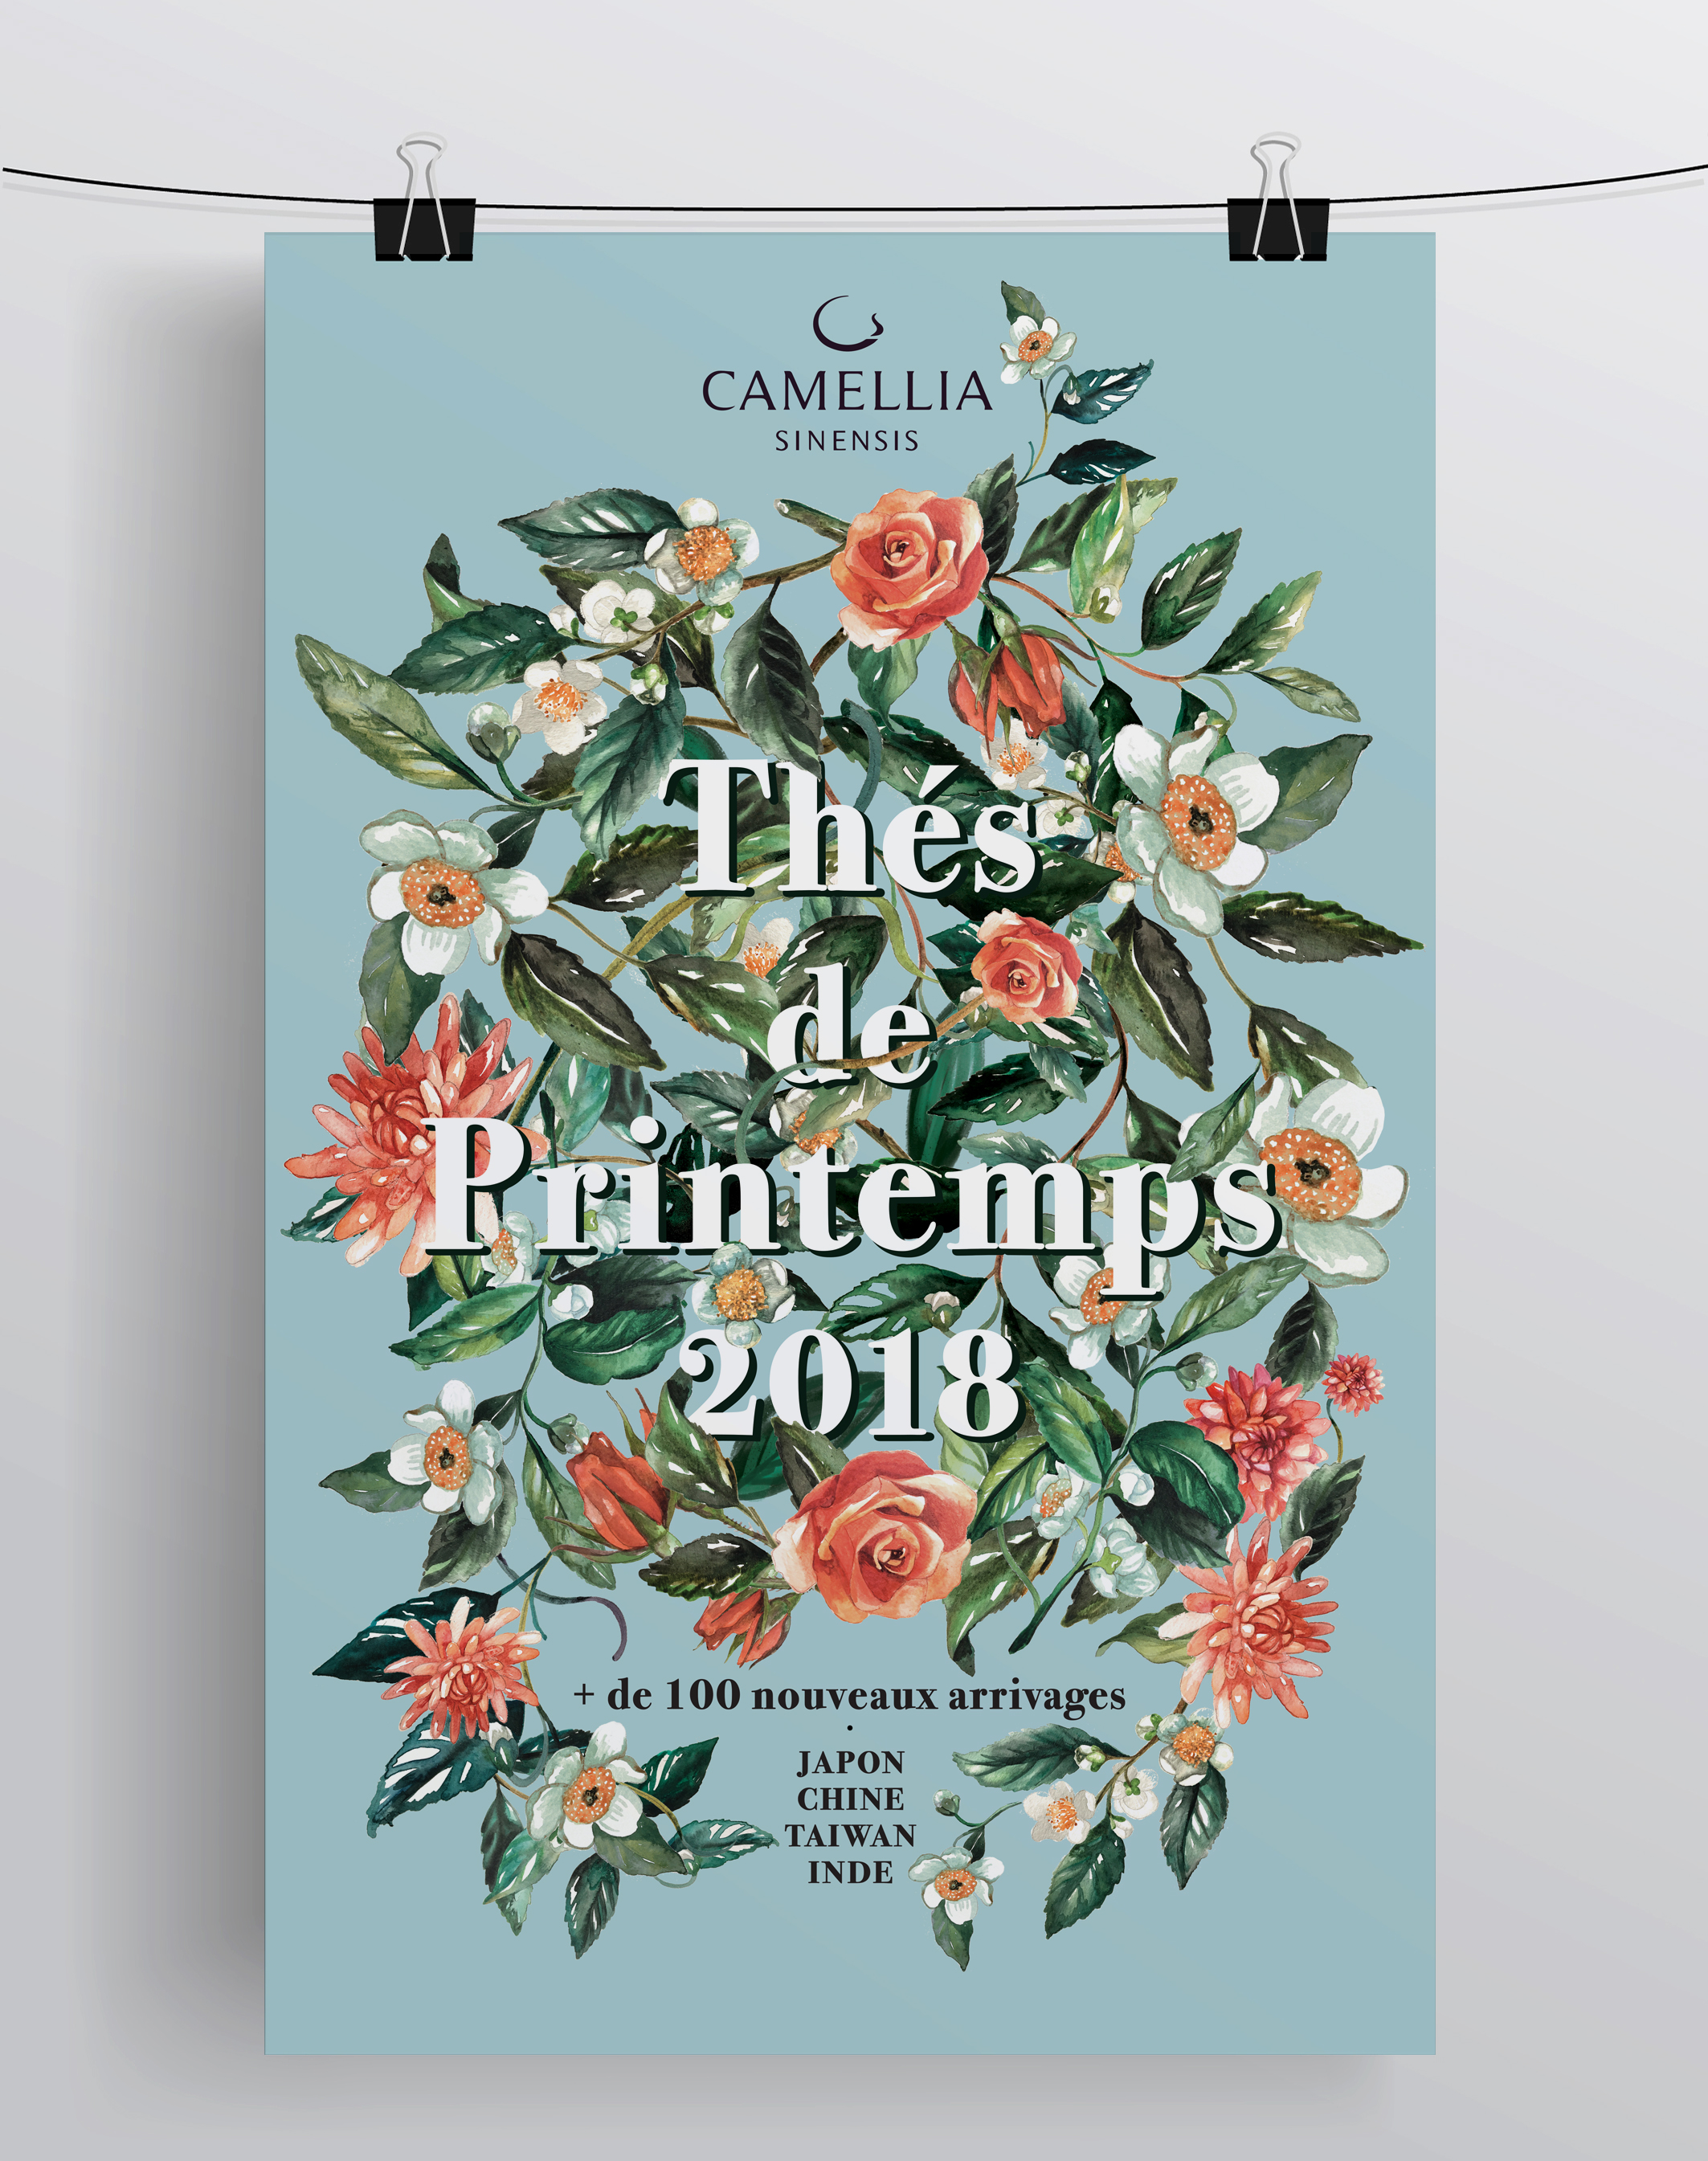 Thés de printemps - Camellia Sinensi